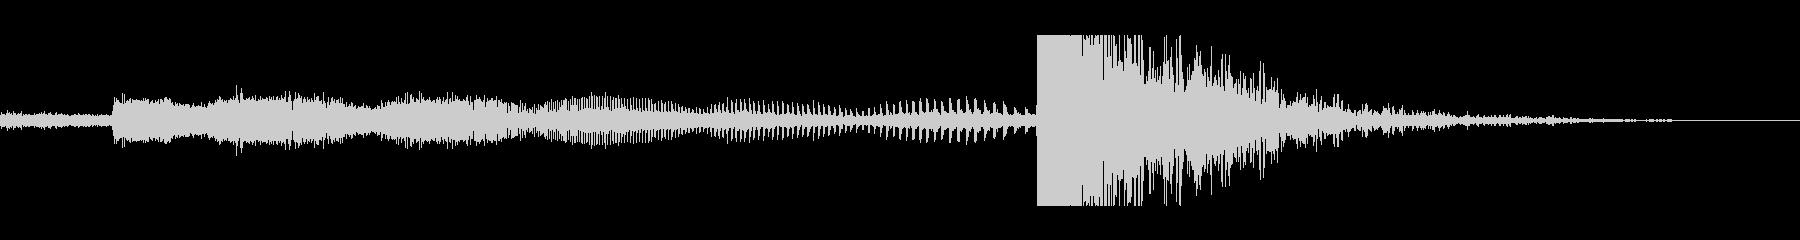 熱シーキングレーザーキャノンの未再生の波形